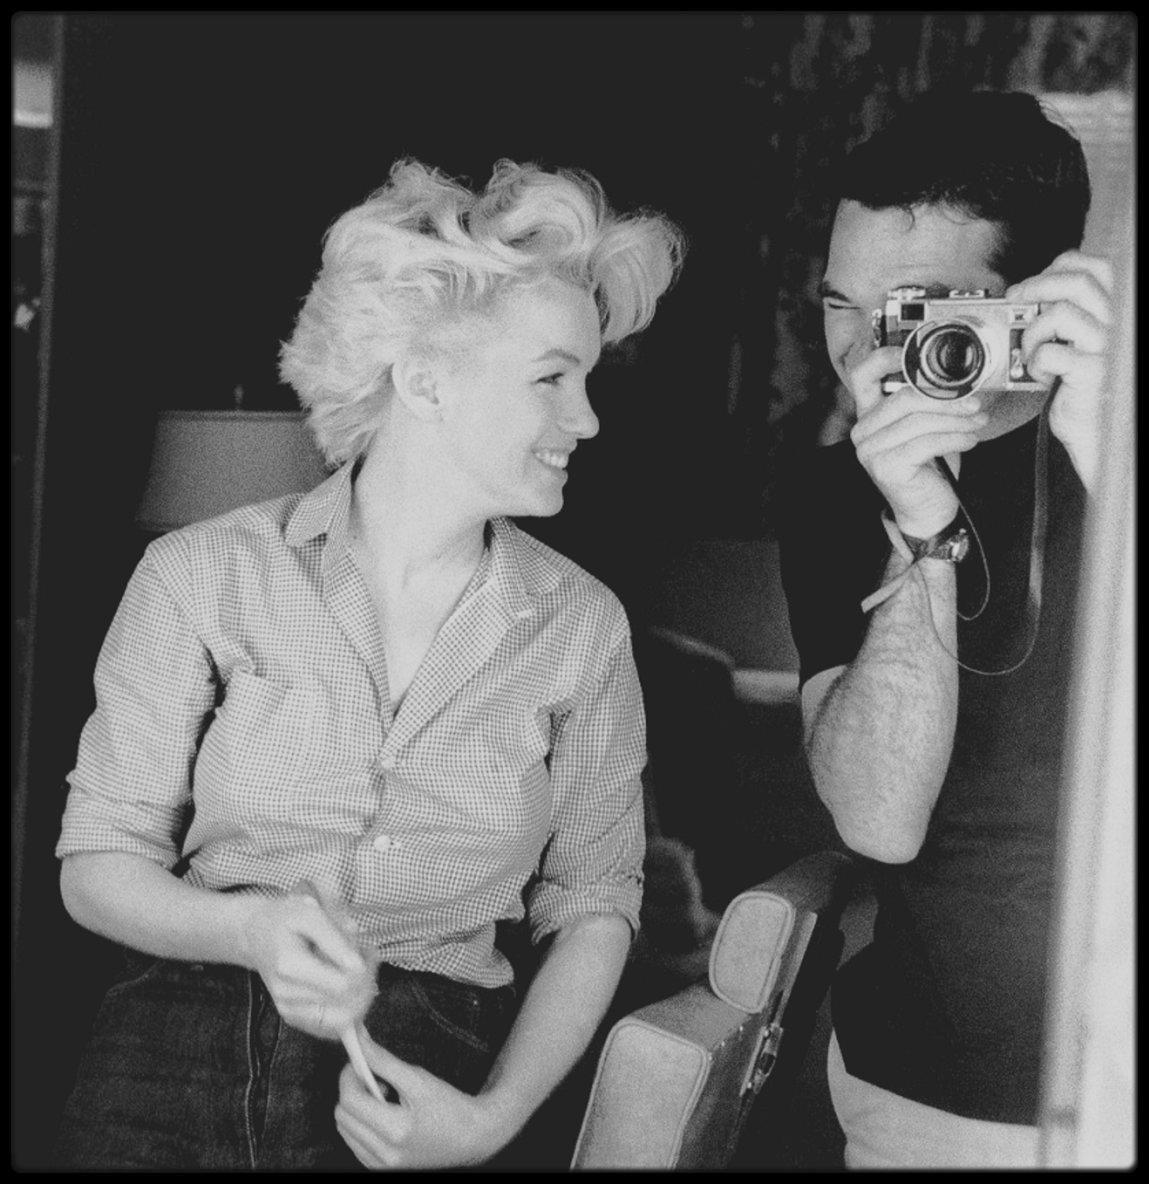 1955 / Photos Milton GREENE, Marilyn dans sa loge en plein préparatif pour une session photos avec le célèbre photographe.